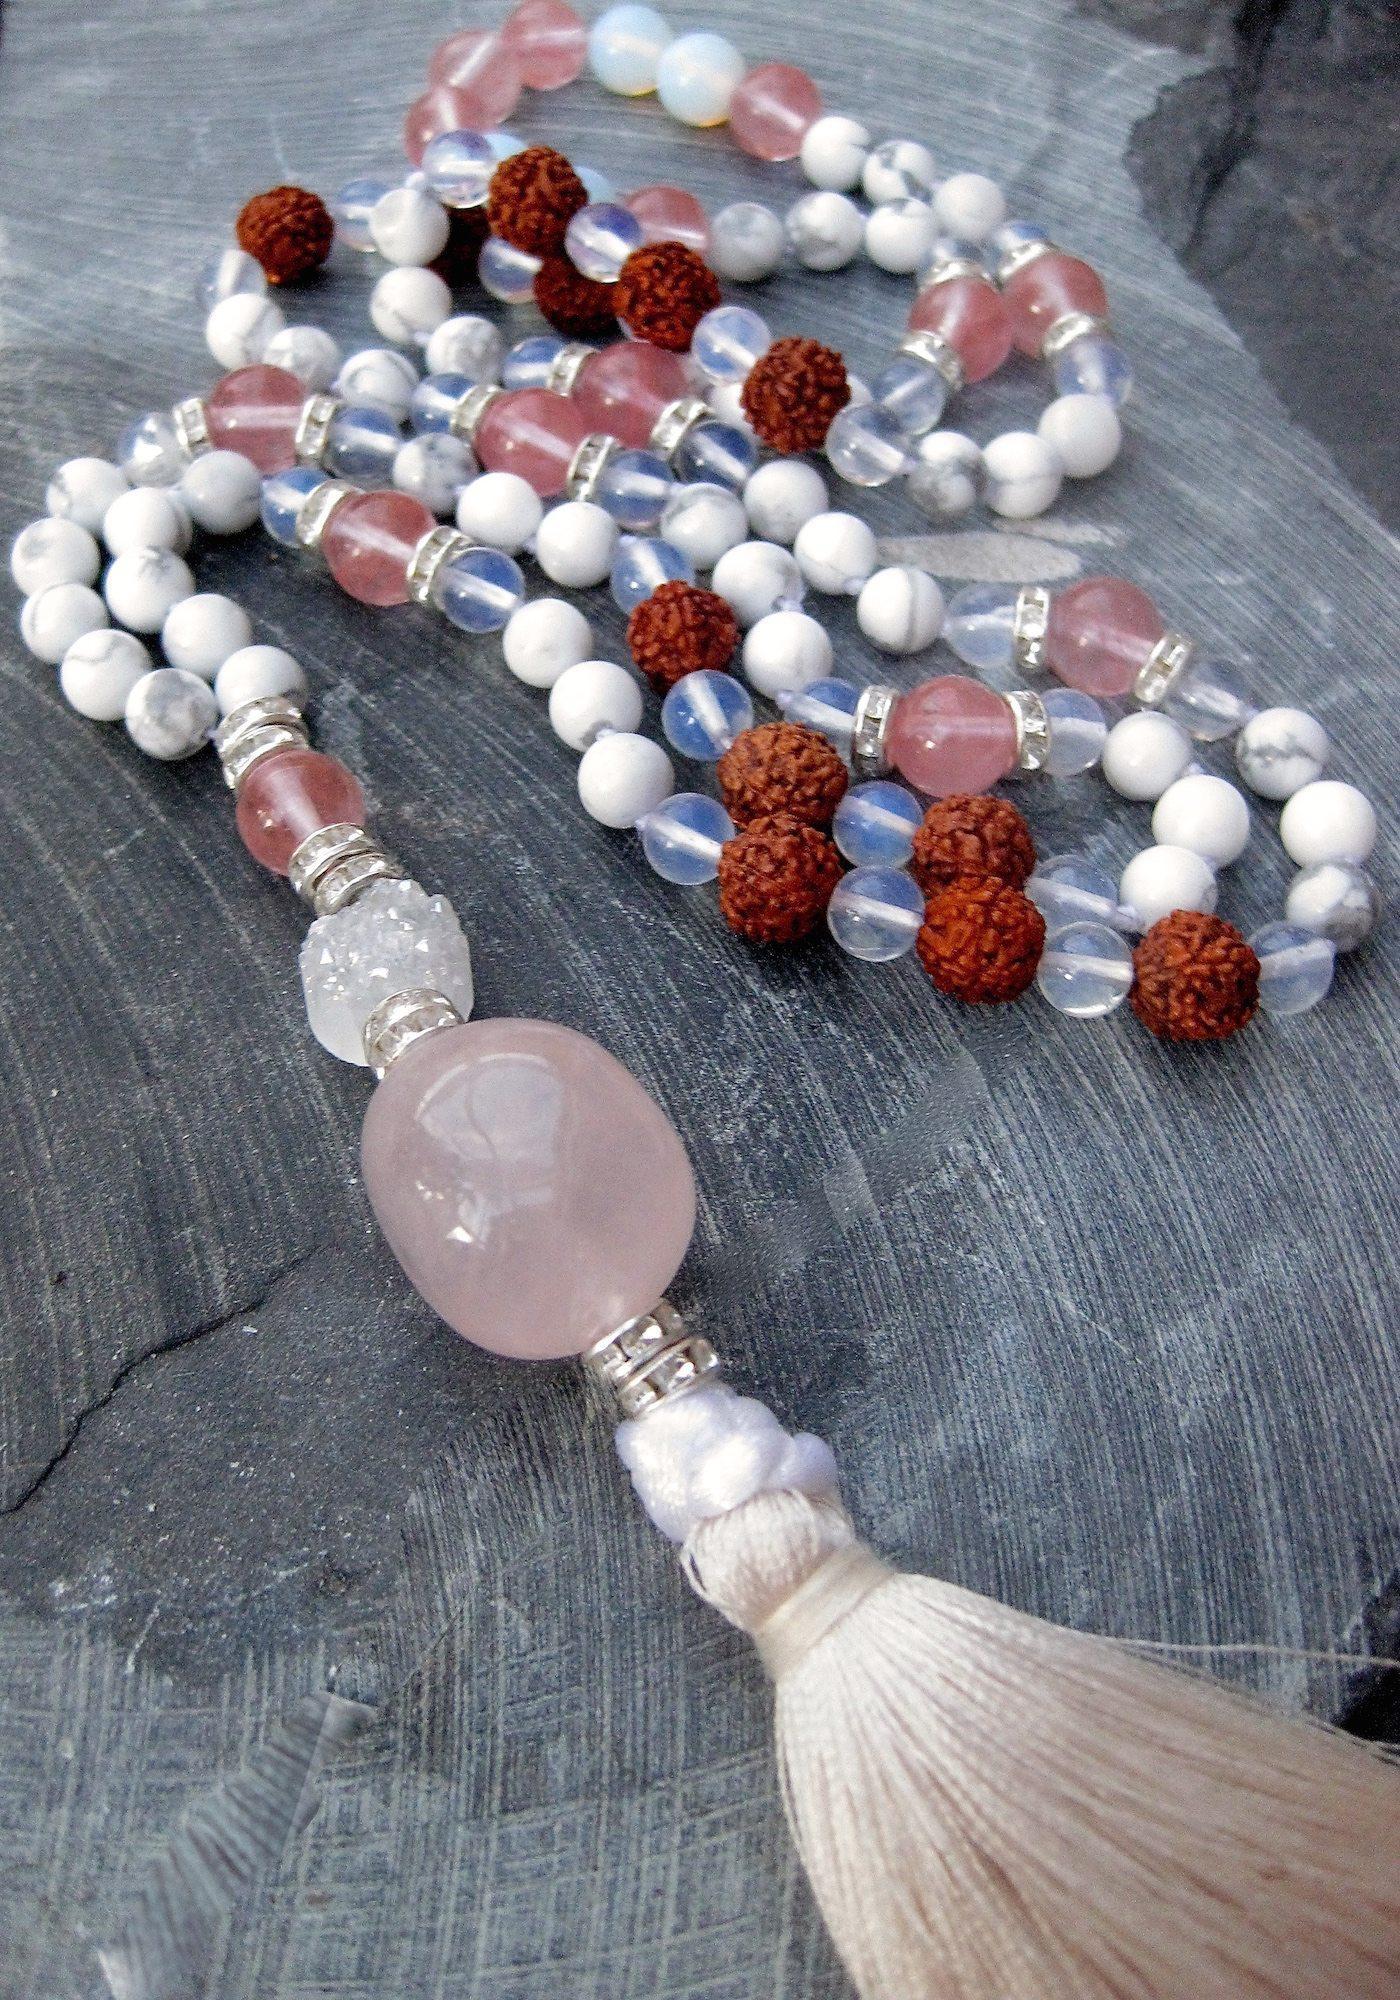 Rose quartz, clear quartz, rudraksha beads, moonstones mala necklace, crystal diamante spacers